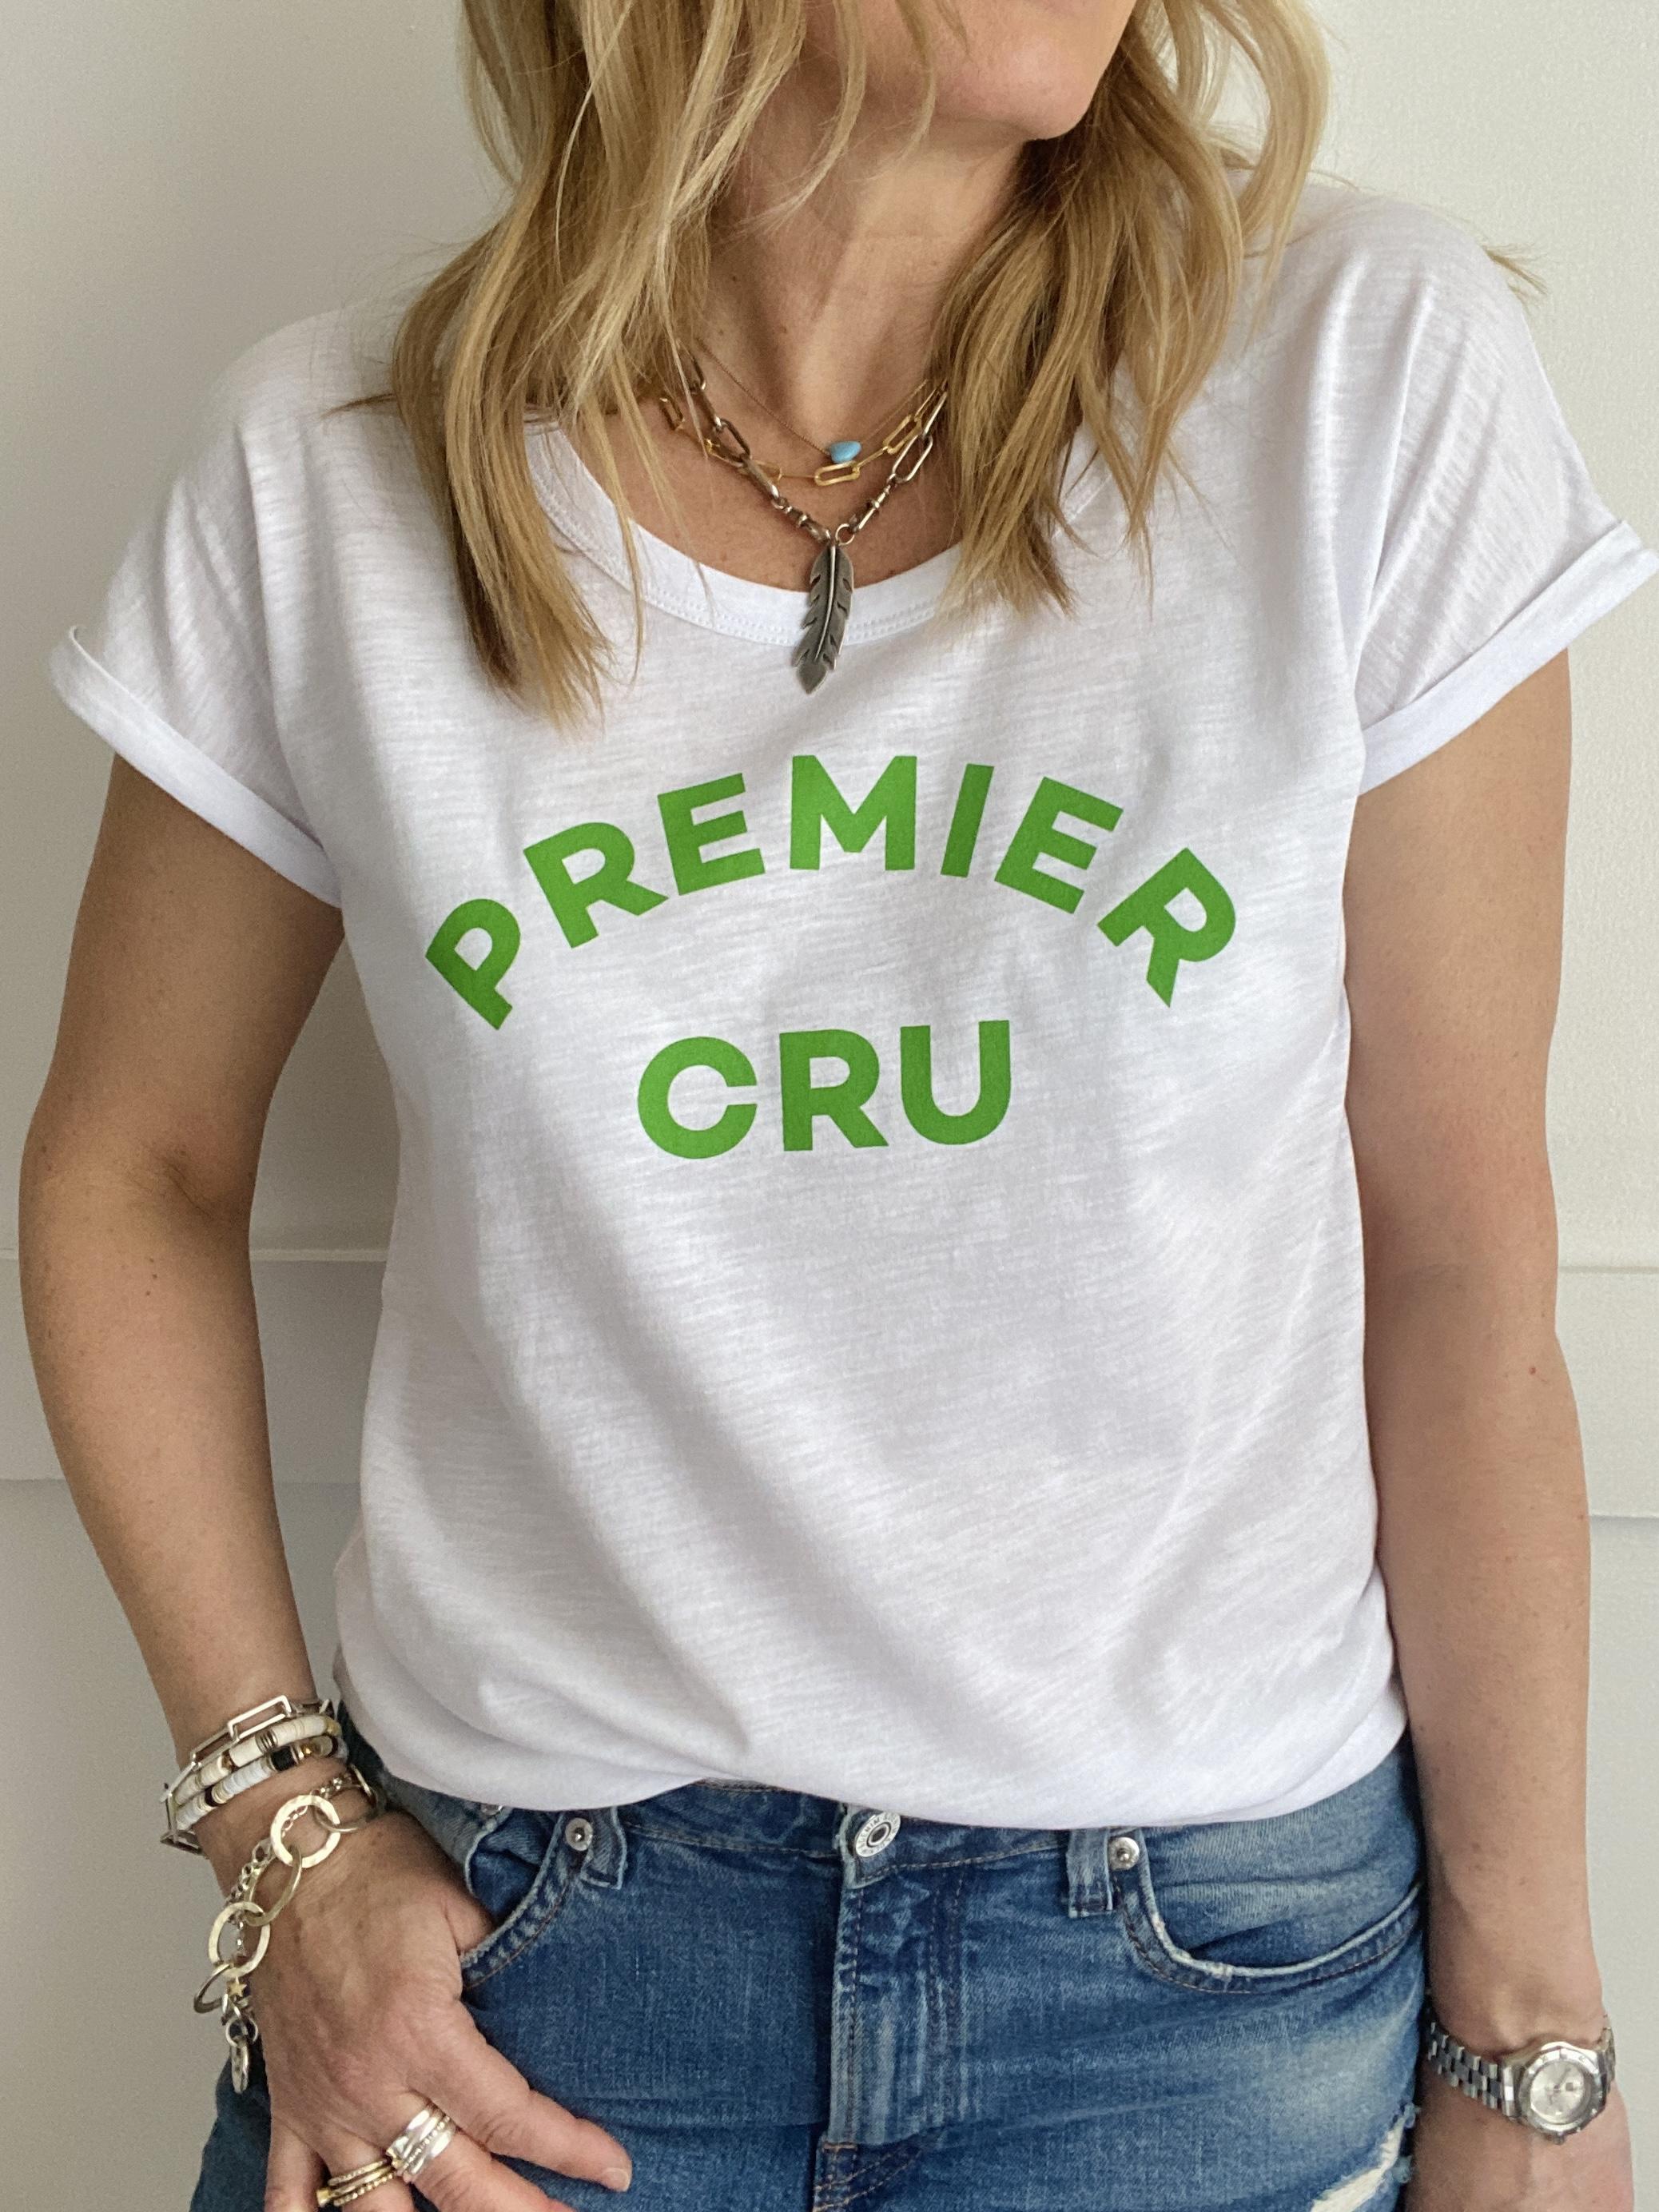 Premier cru t-shirt classic